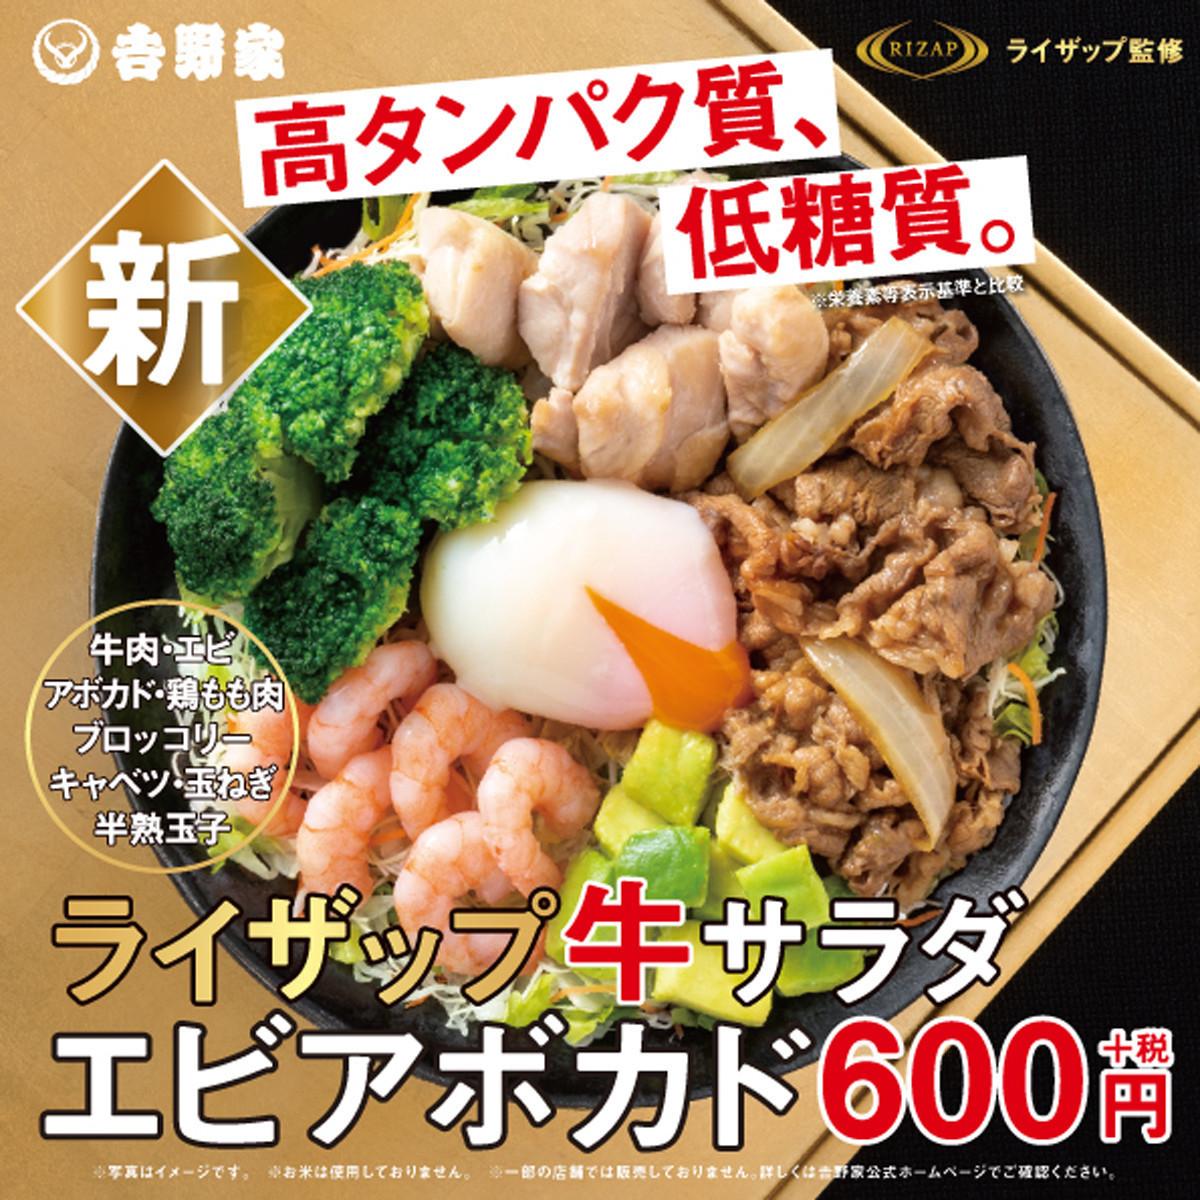 【外食】吉野家が「ライザップ牛サラダエビアボカド」を発売